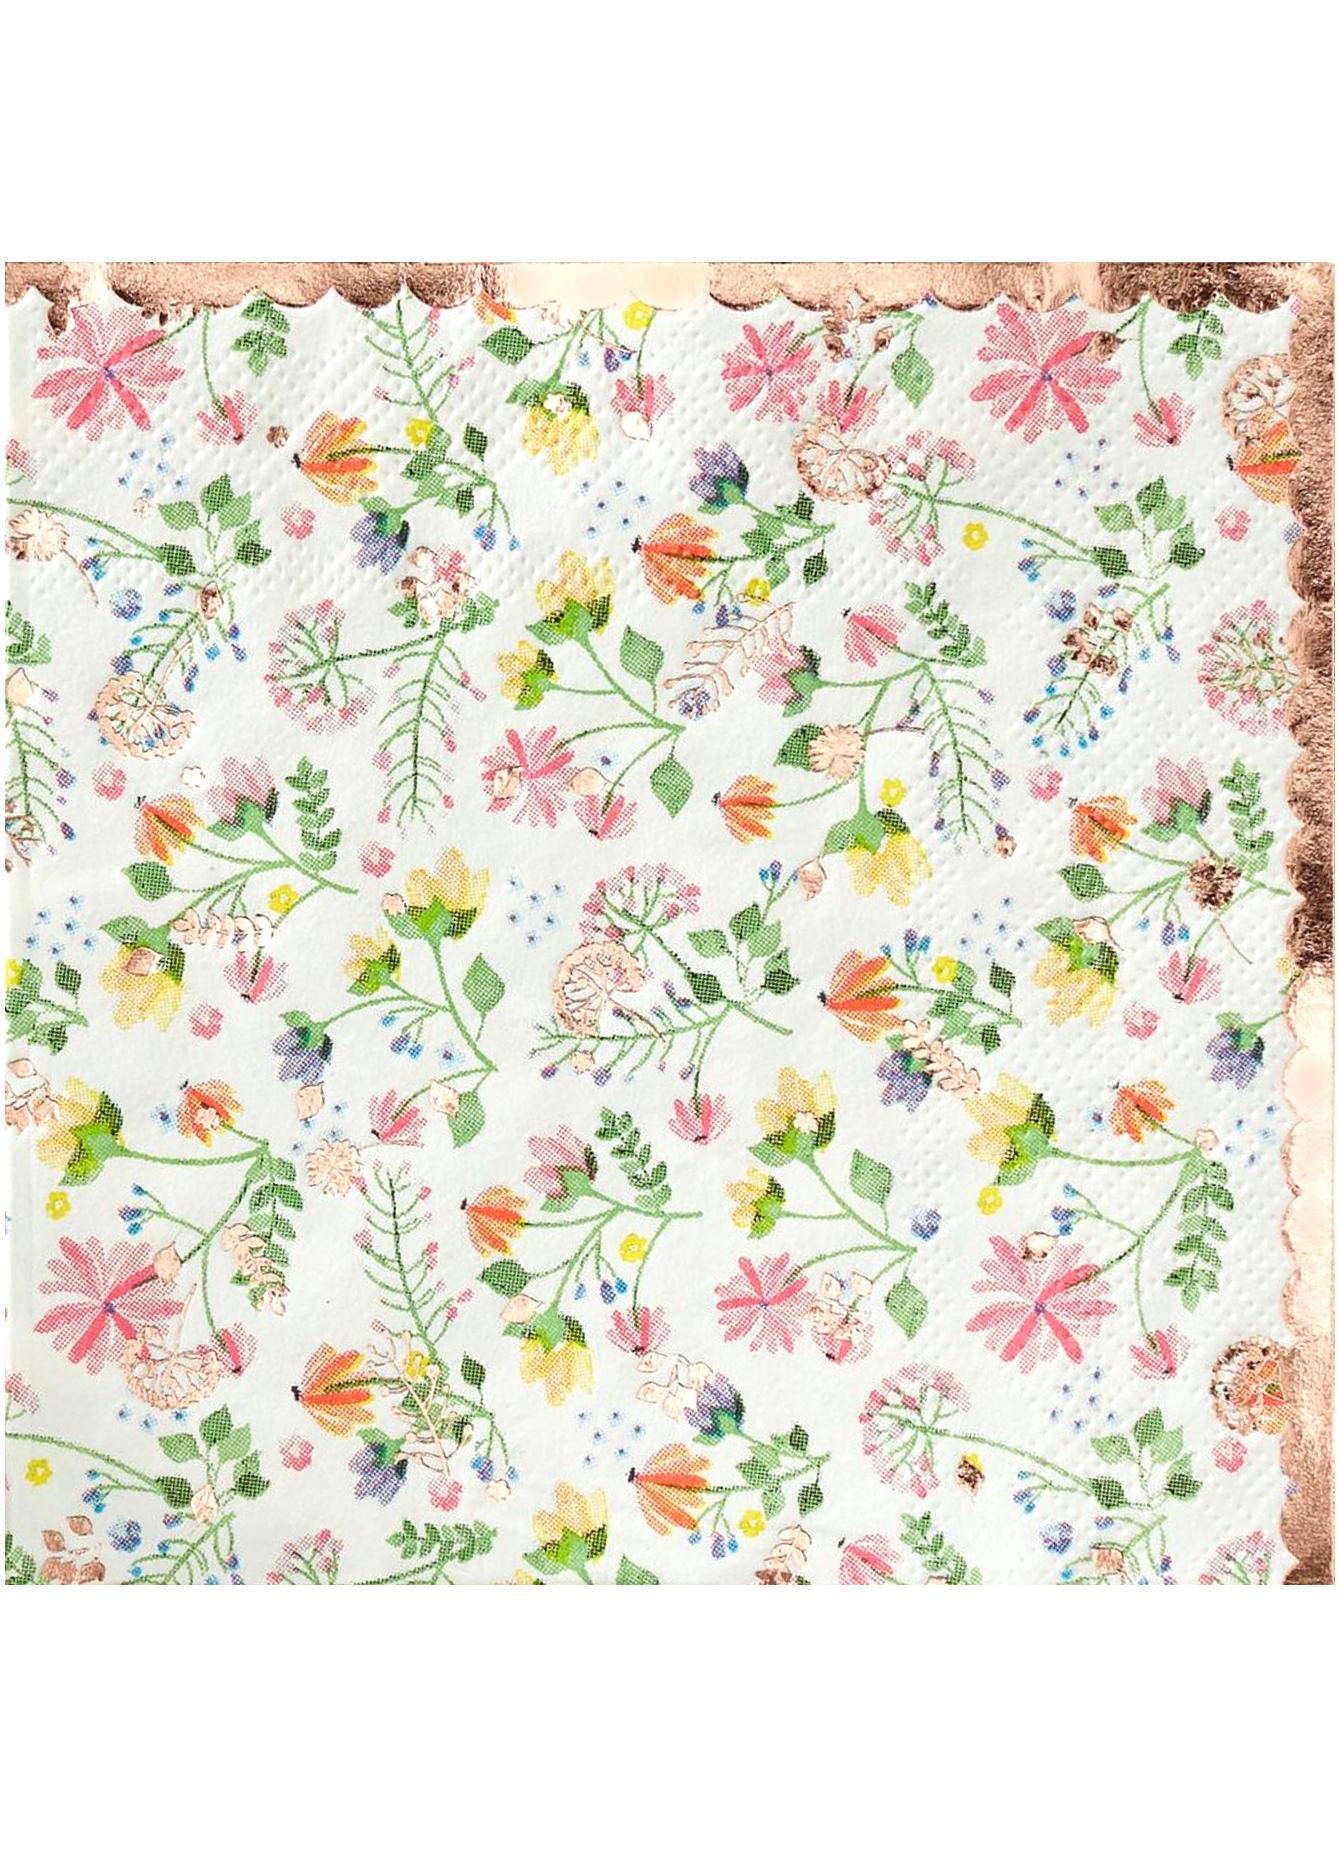 Serviettes En Papier Originales 16 petites serviettes en papier rose gold floral 25 x 25 cm, décoration  anniversaire et fêtes à thème sur vegaoo party